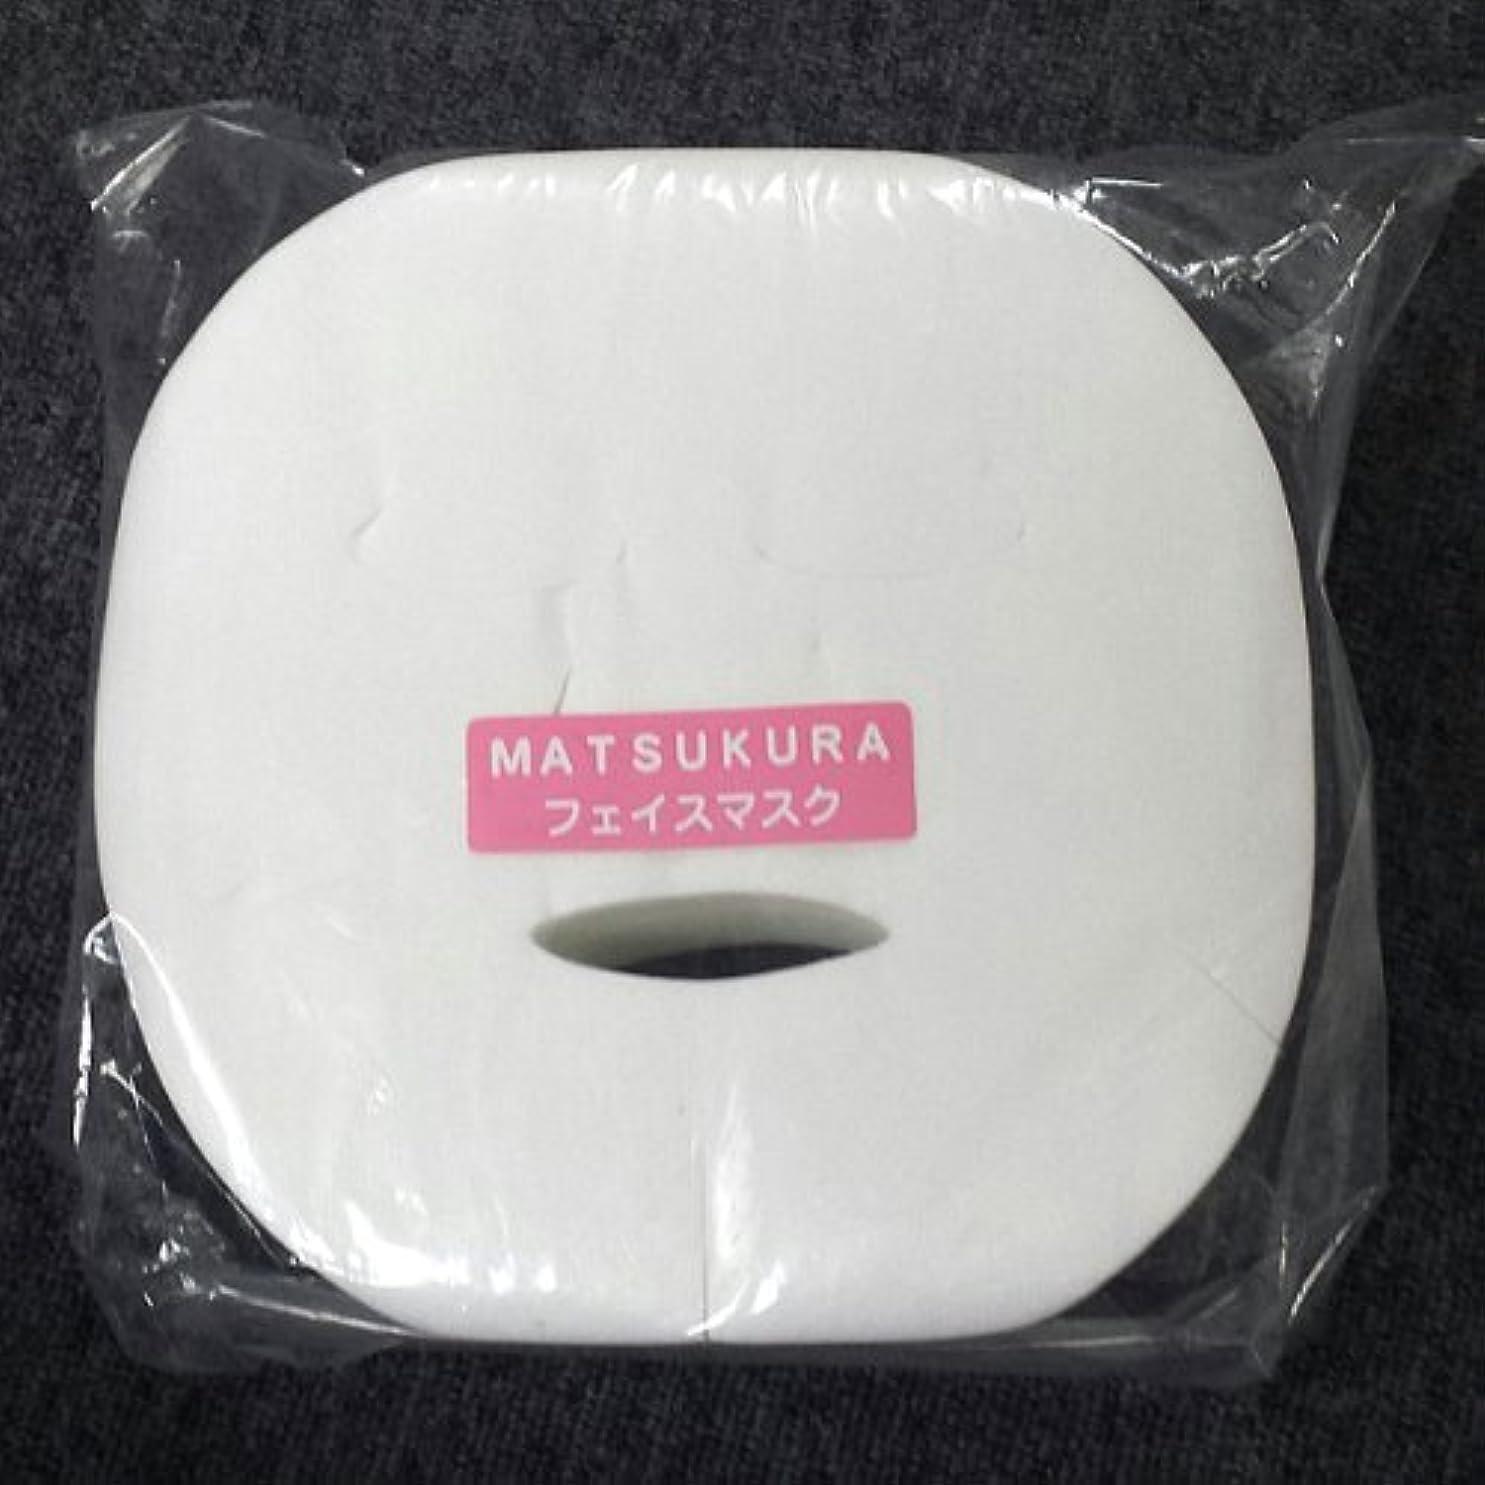 レンジ最適拷問【リニューアル】 フェイスシート 【200枚入り】 フェイスマスク?パック用シート